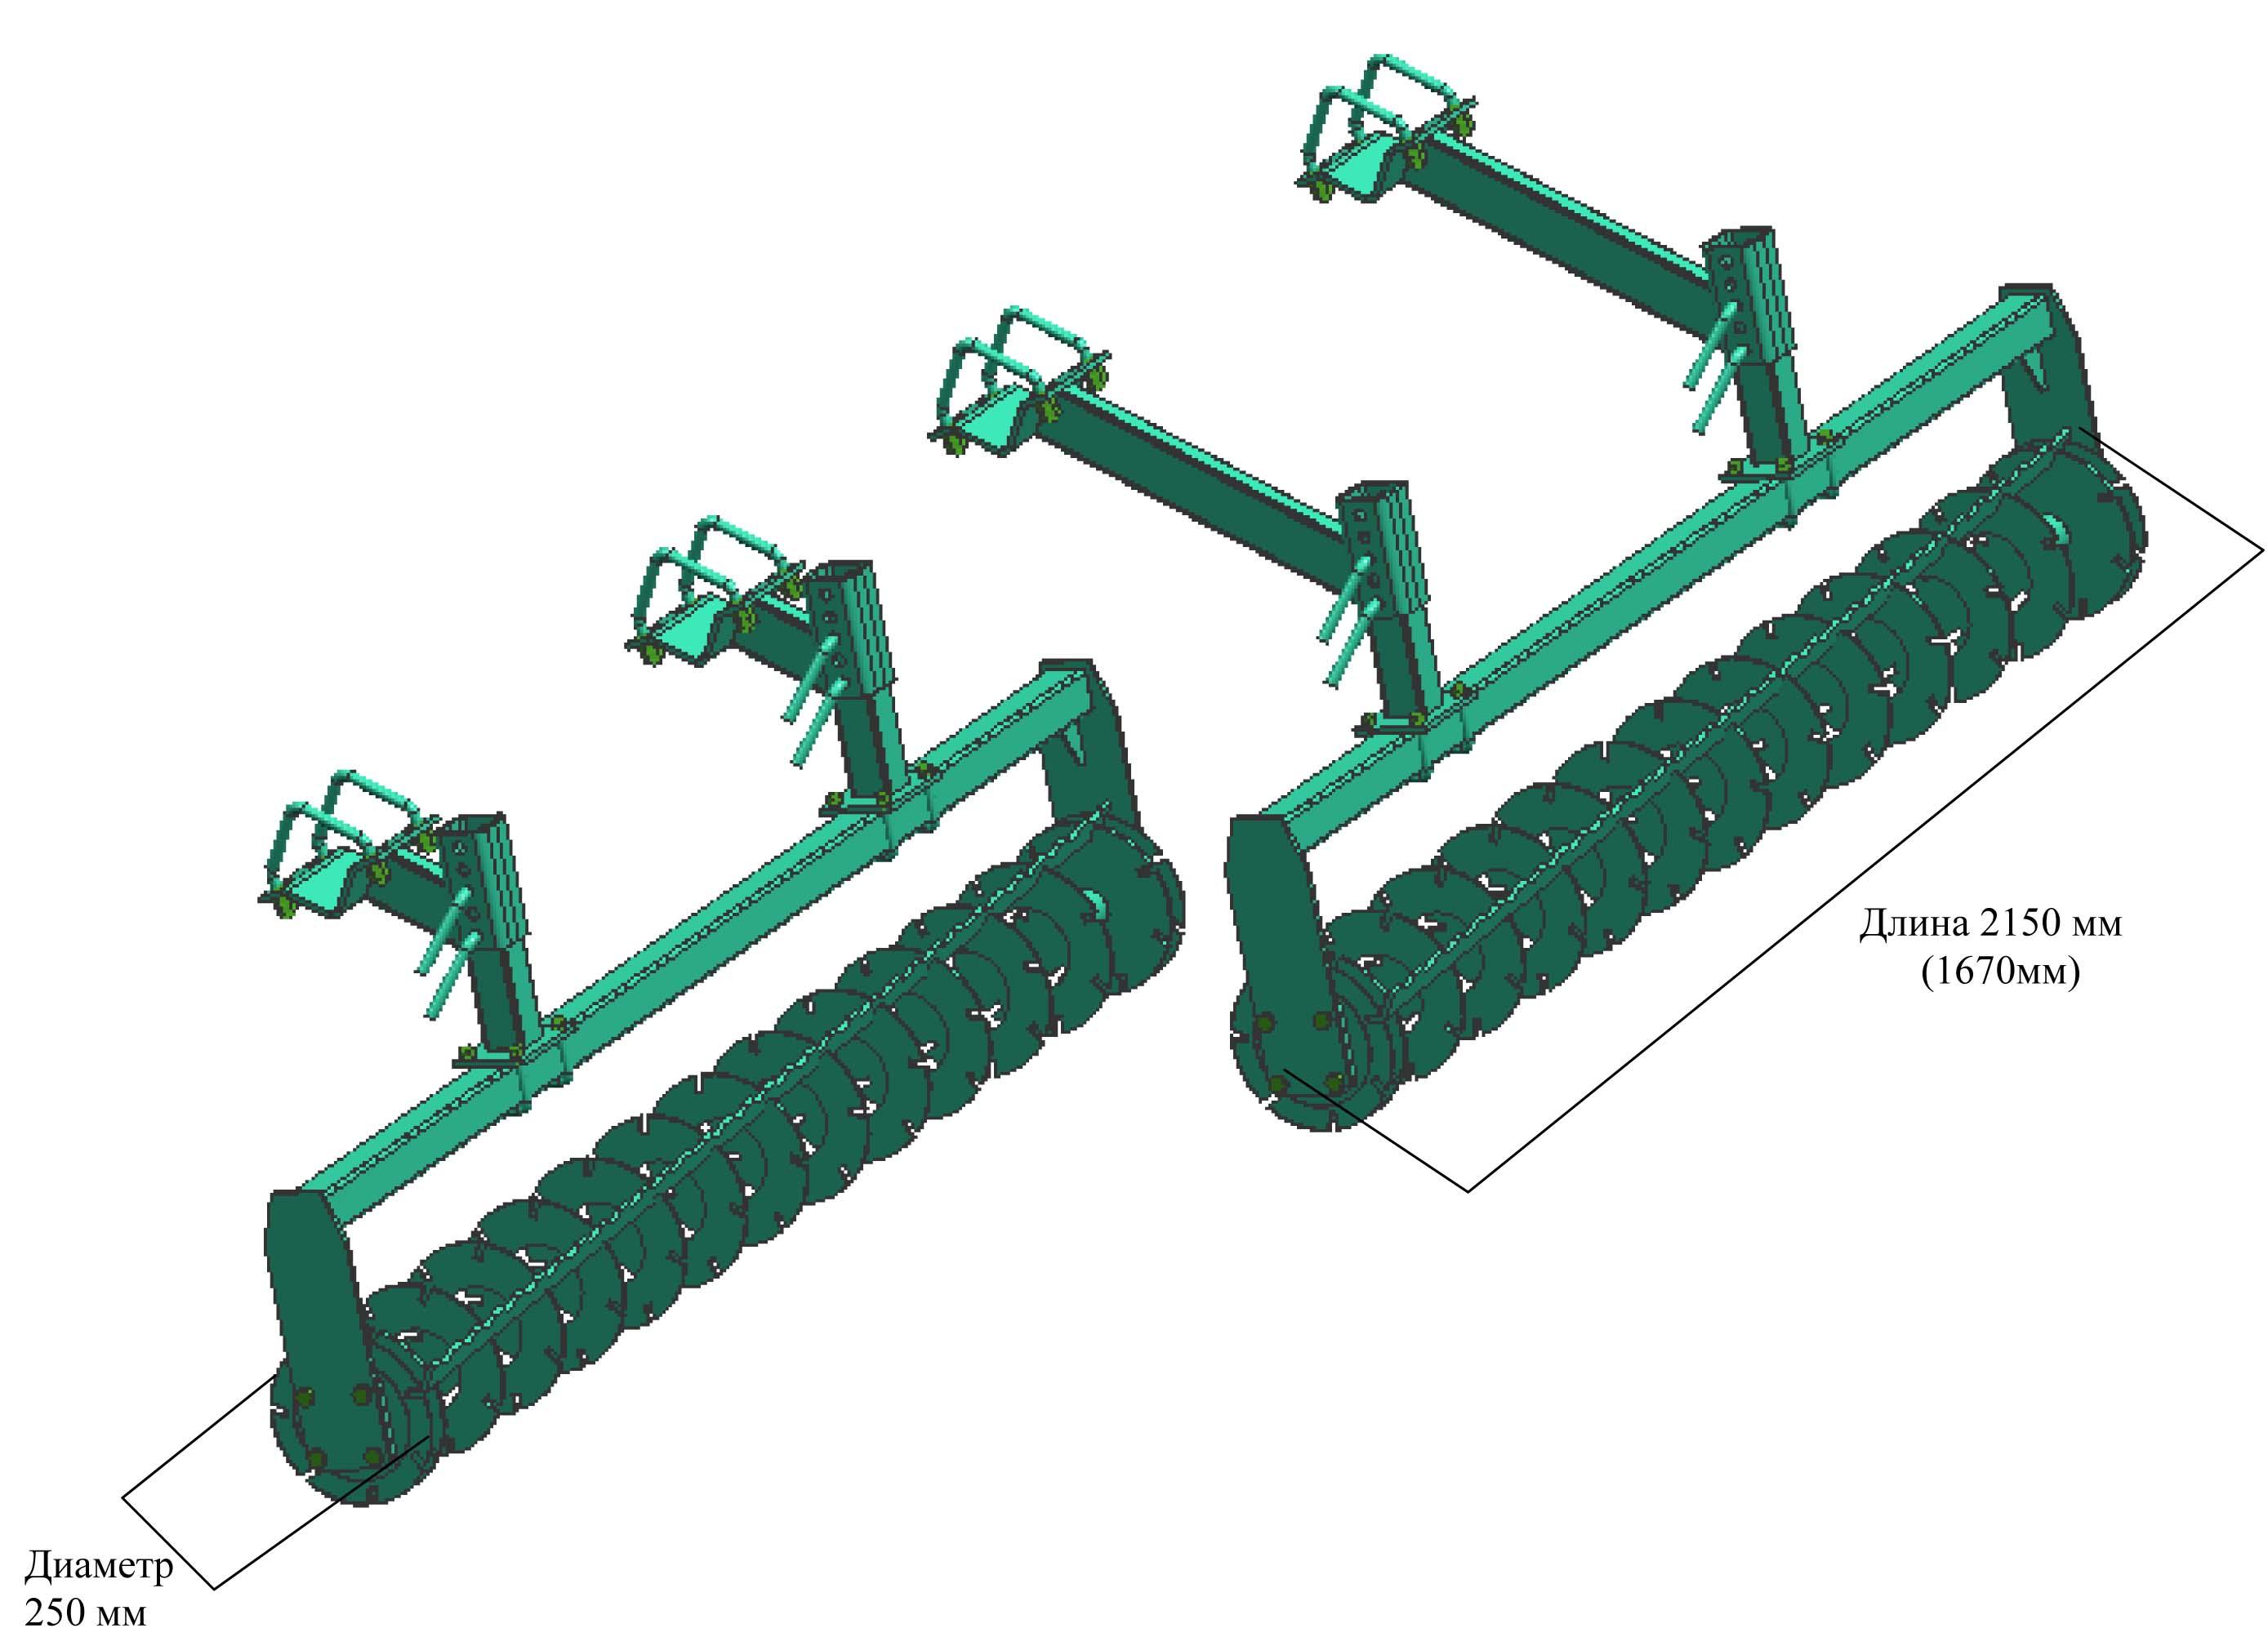 Схема культиватор для сплошной обработки